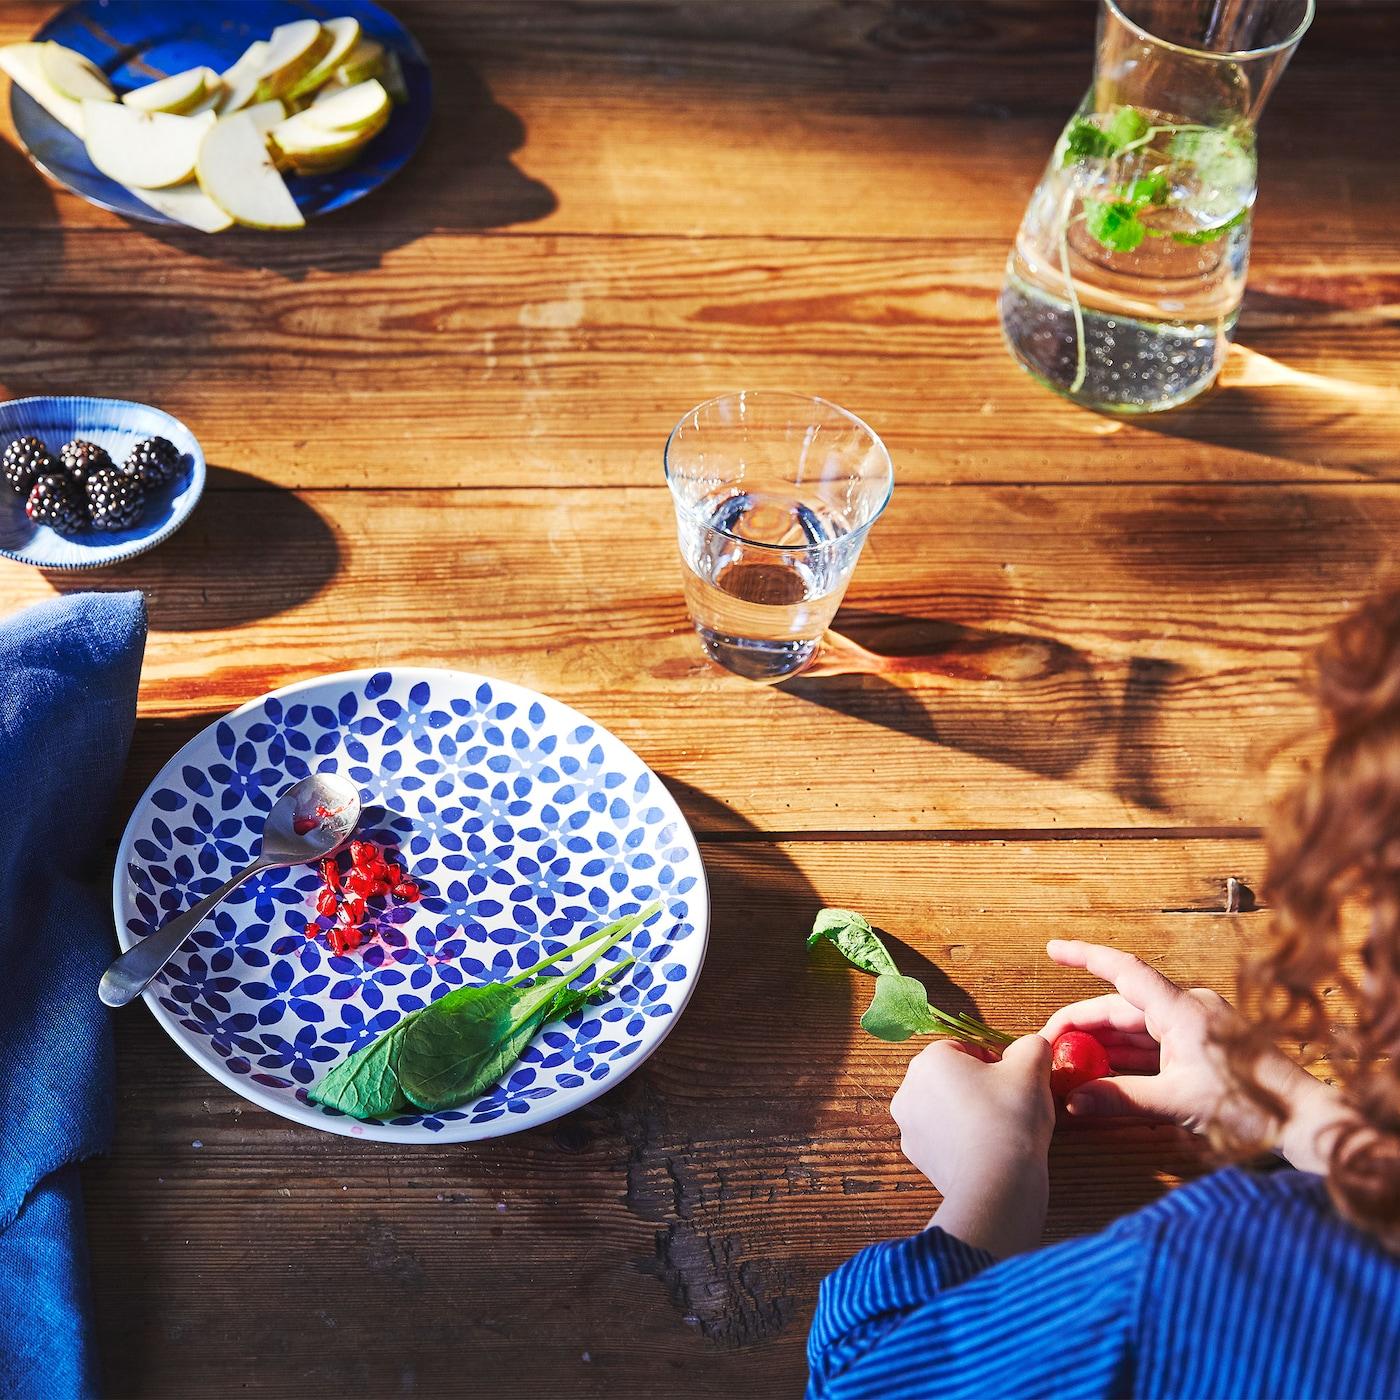 Ein Blick von oben auf eine Person, die ein Radieschen in der Hand hat. Daneben ein MEDLEM Dessertteller weiss/blau/gemustert mit einem Löffel darauf.